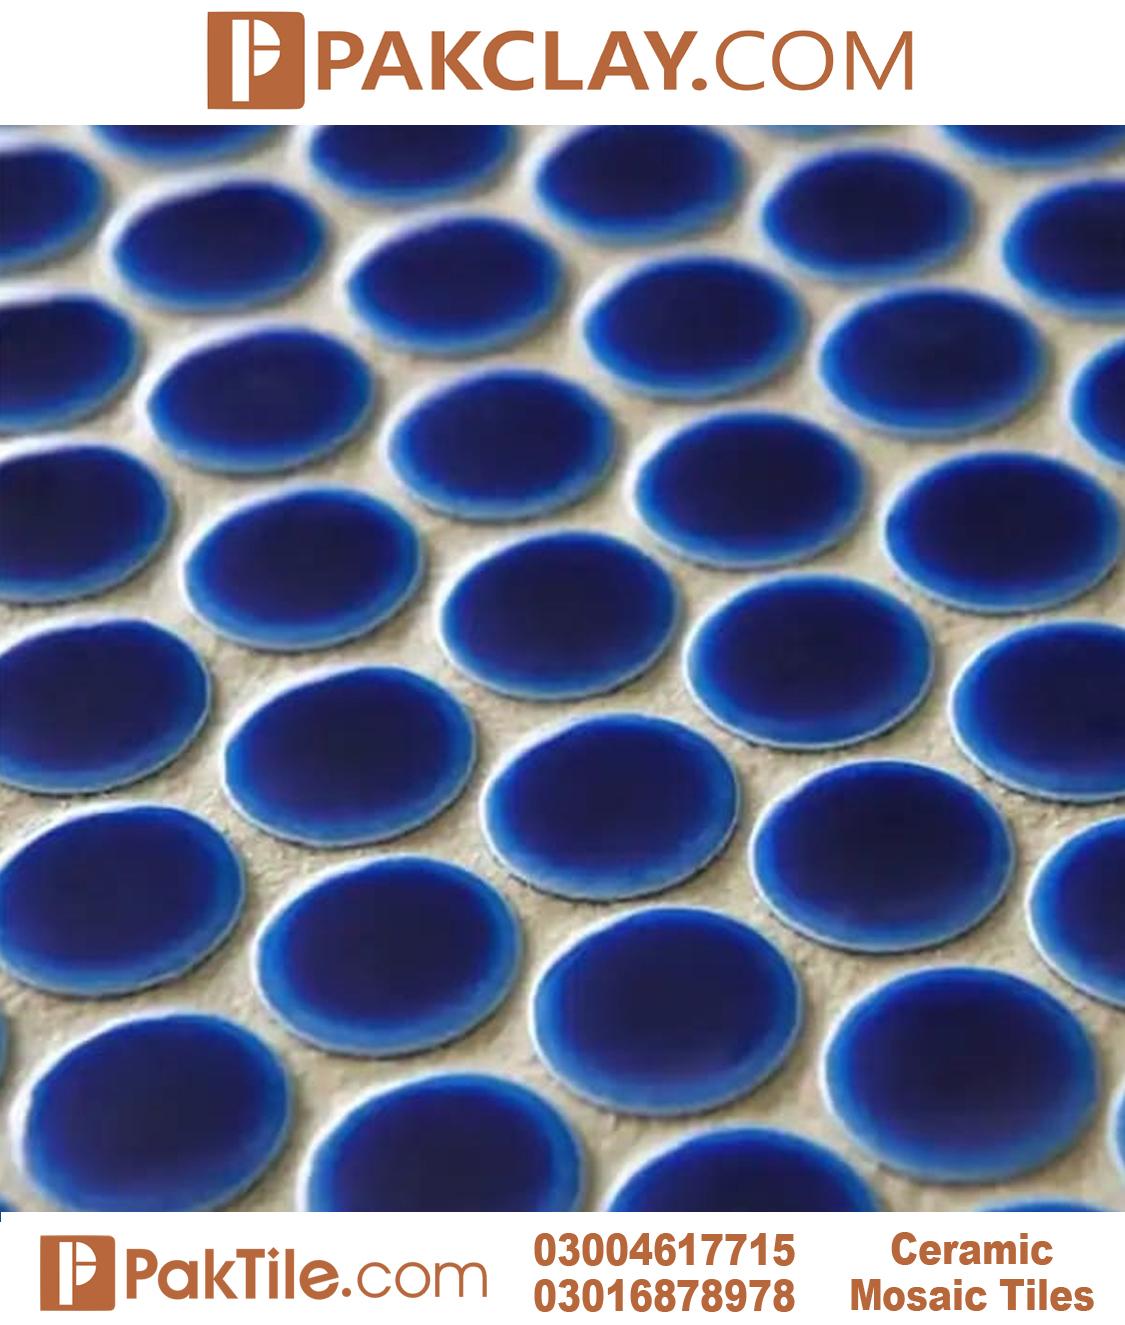 Cobalt Blue Colour Porcelain Bathroom Floor Tiles in Pakistan